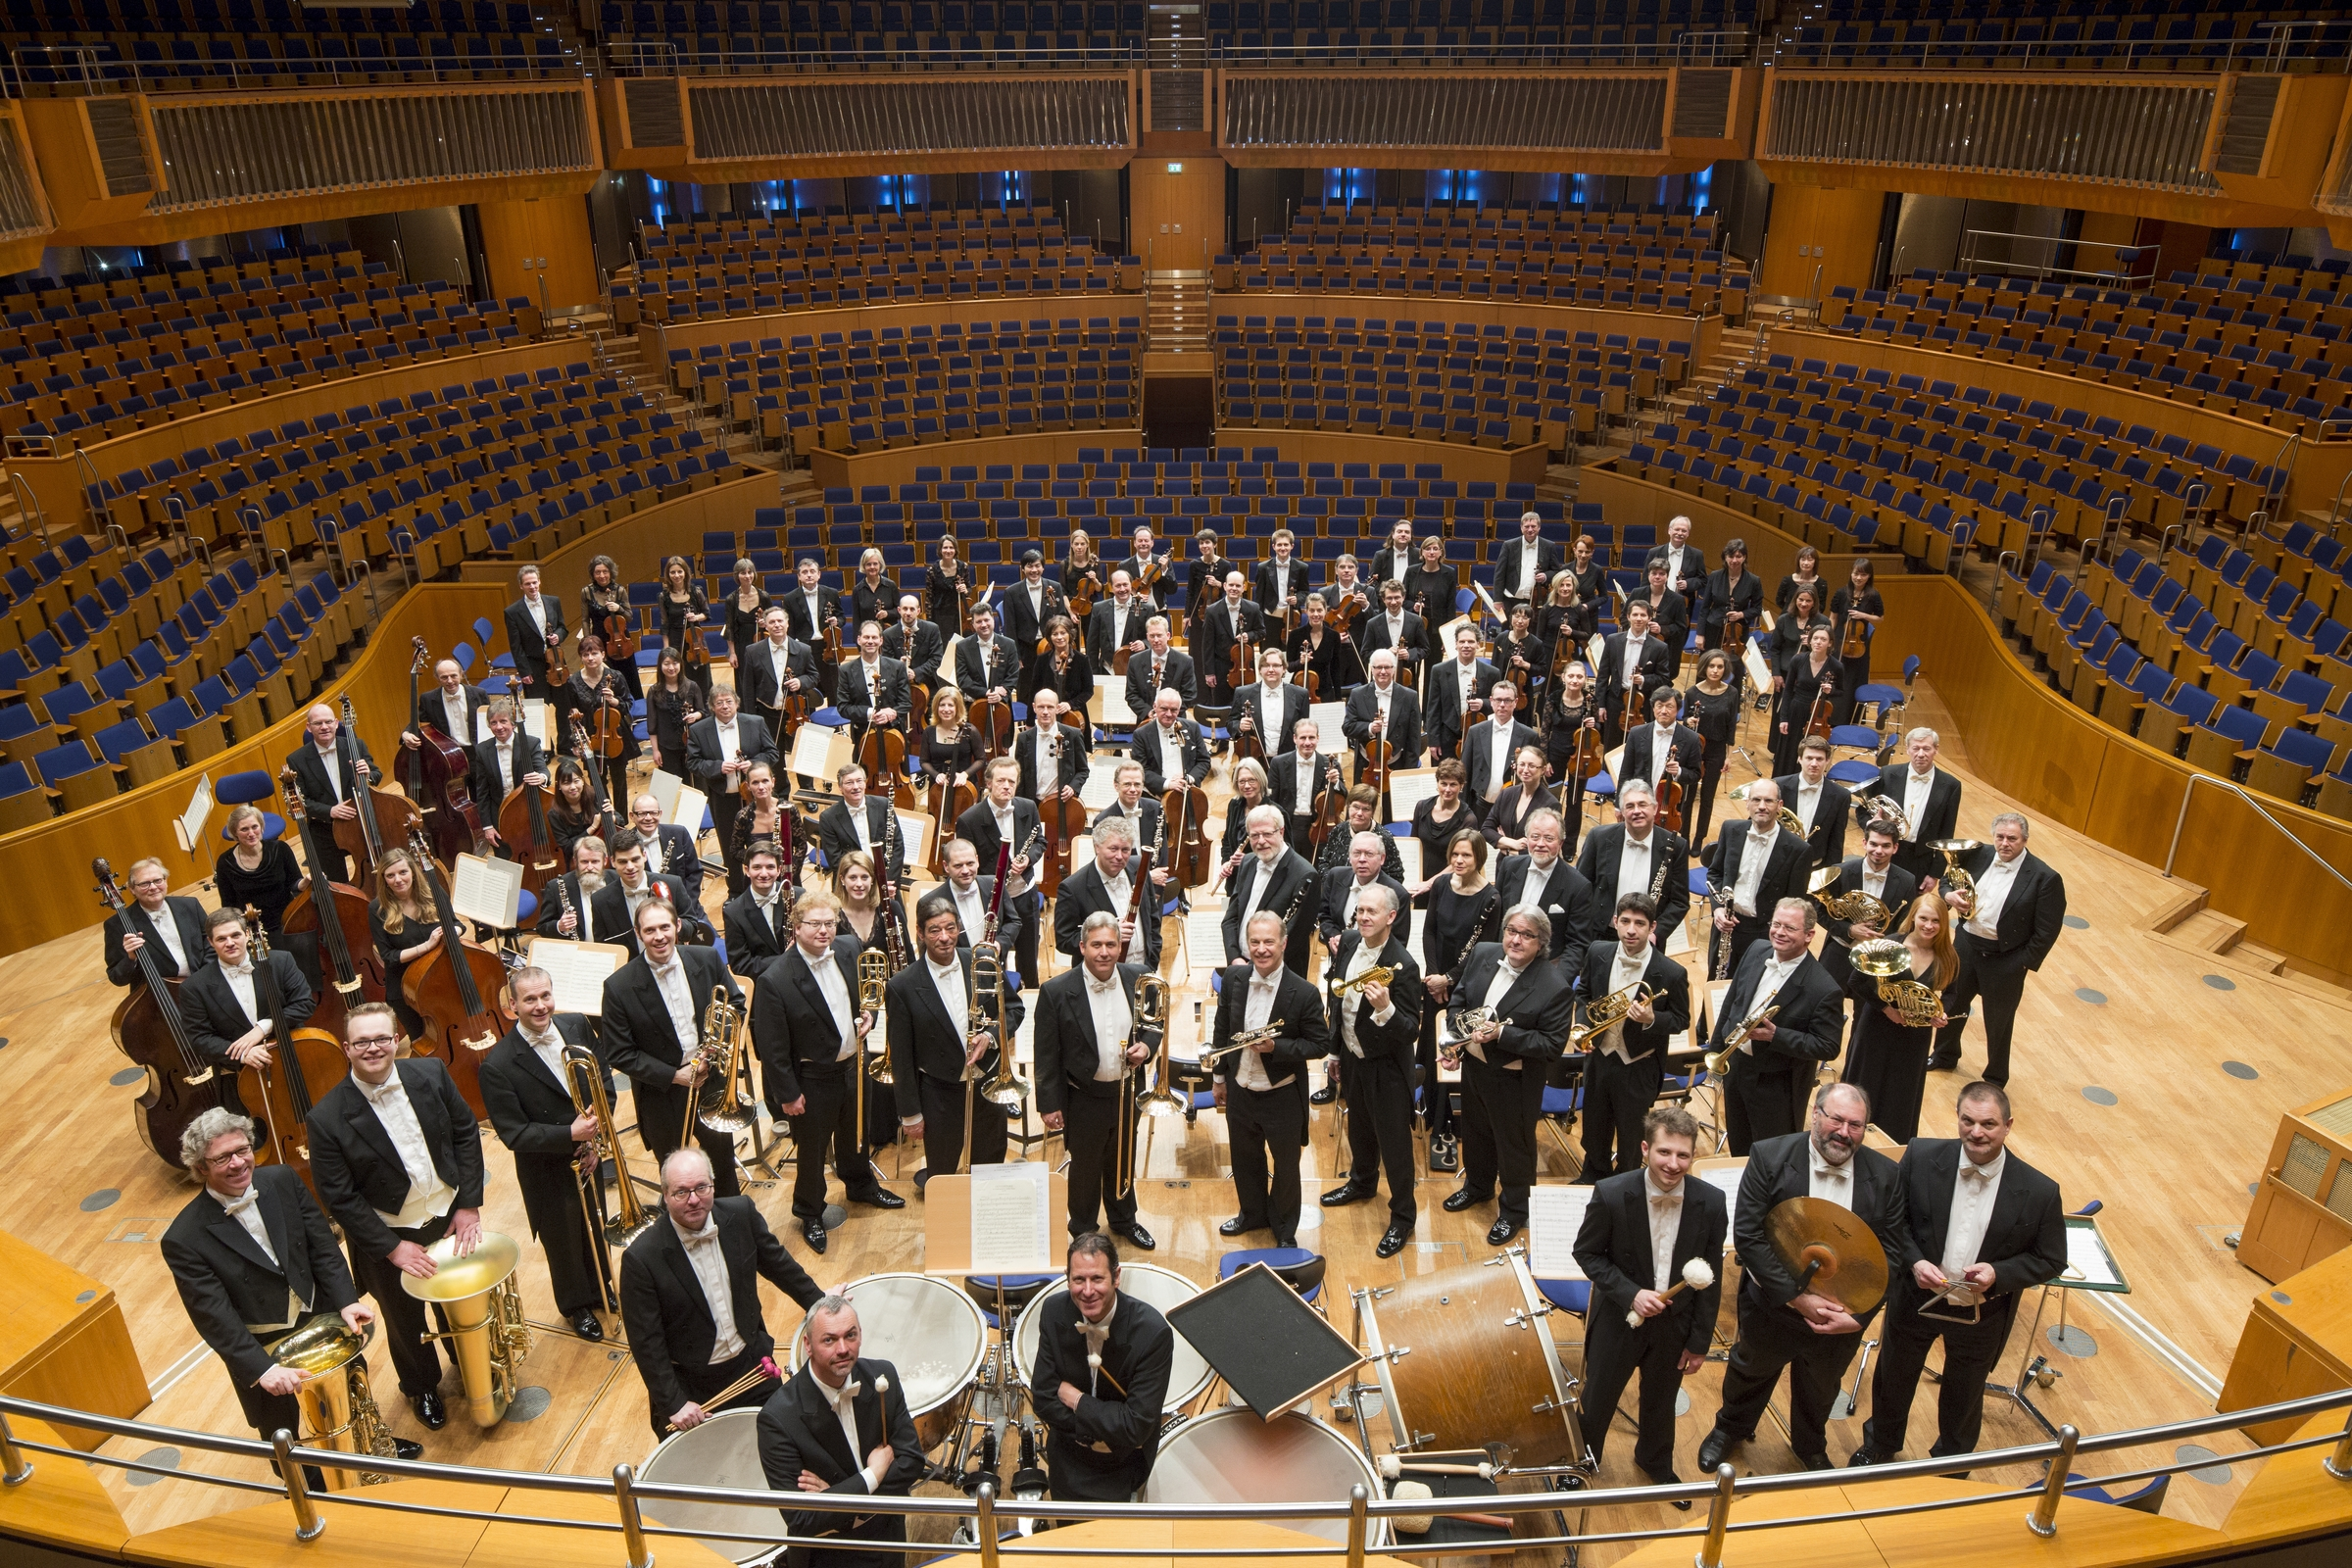 Düsseldorfer Symphoniker gastieren in Japan (Foto: Susanne Diesner)